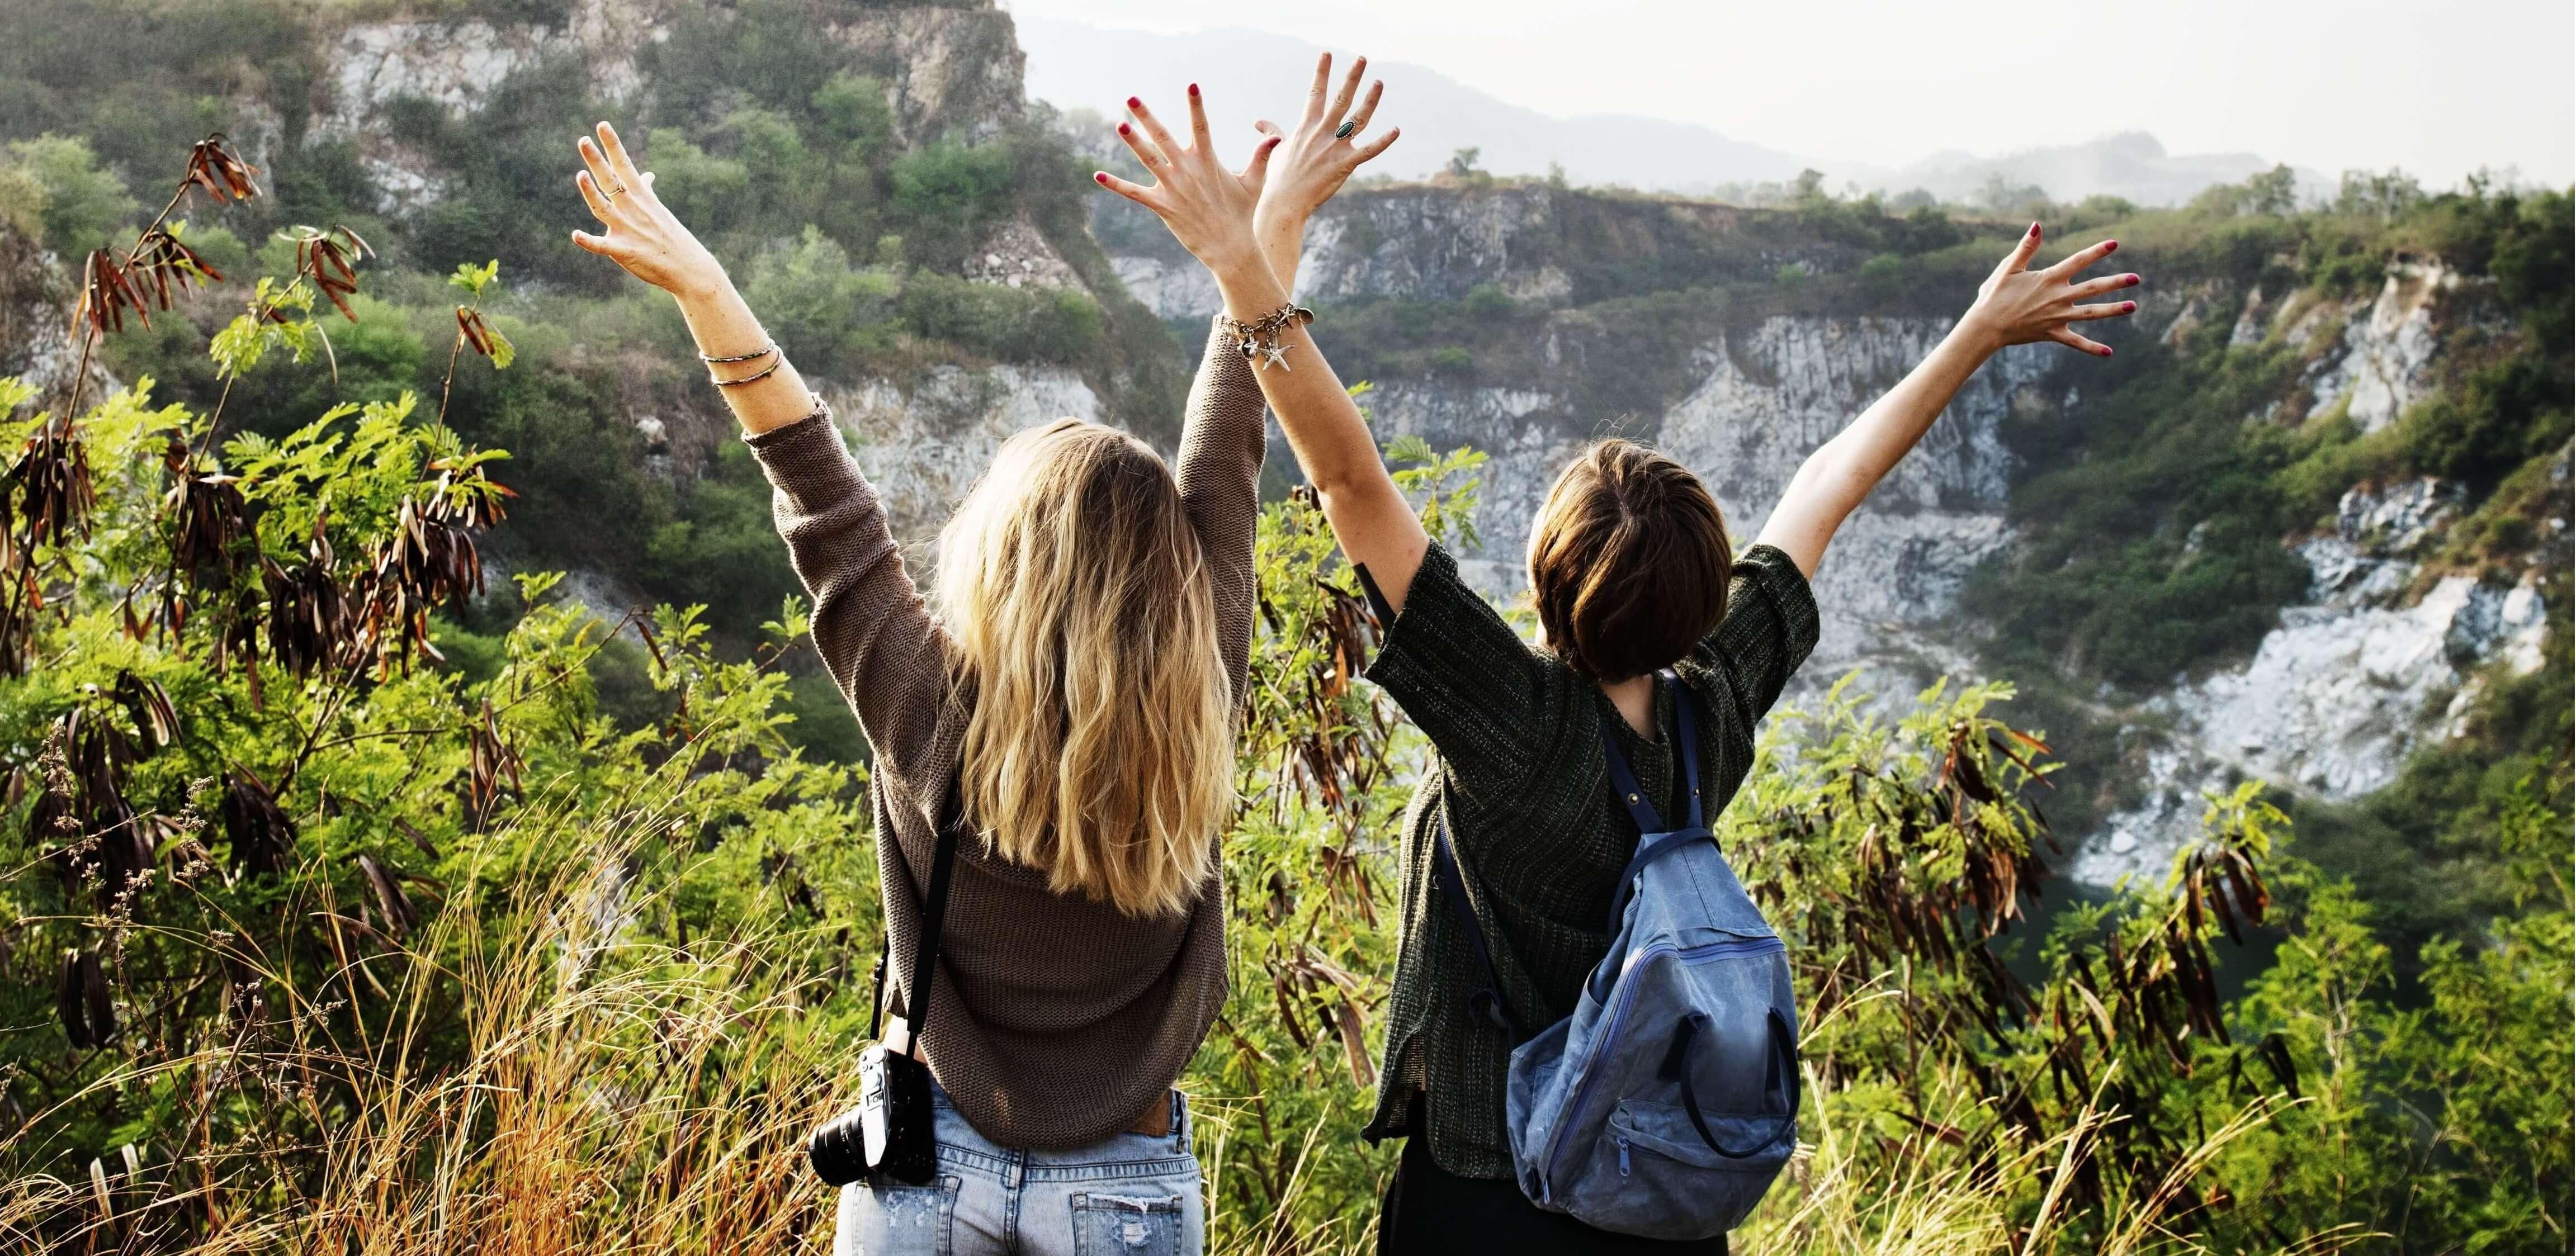 15 Mini-Abenteuer für dein nächstes Wochenende